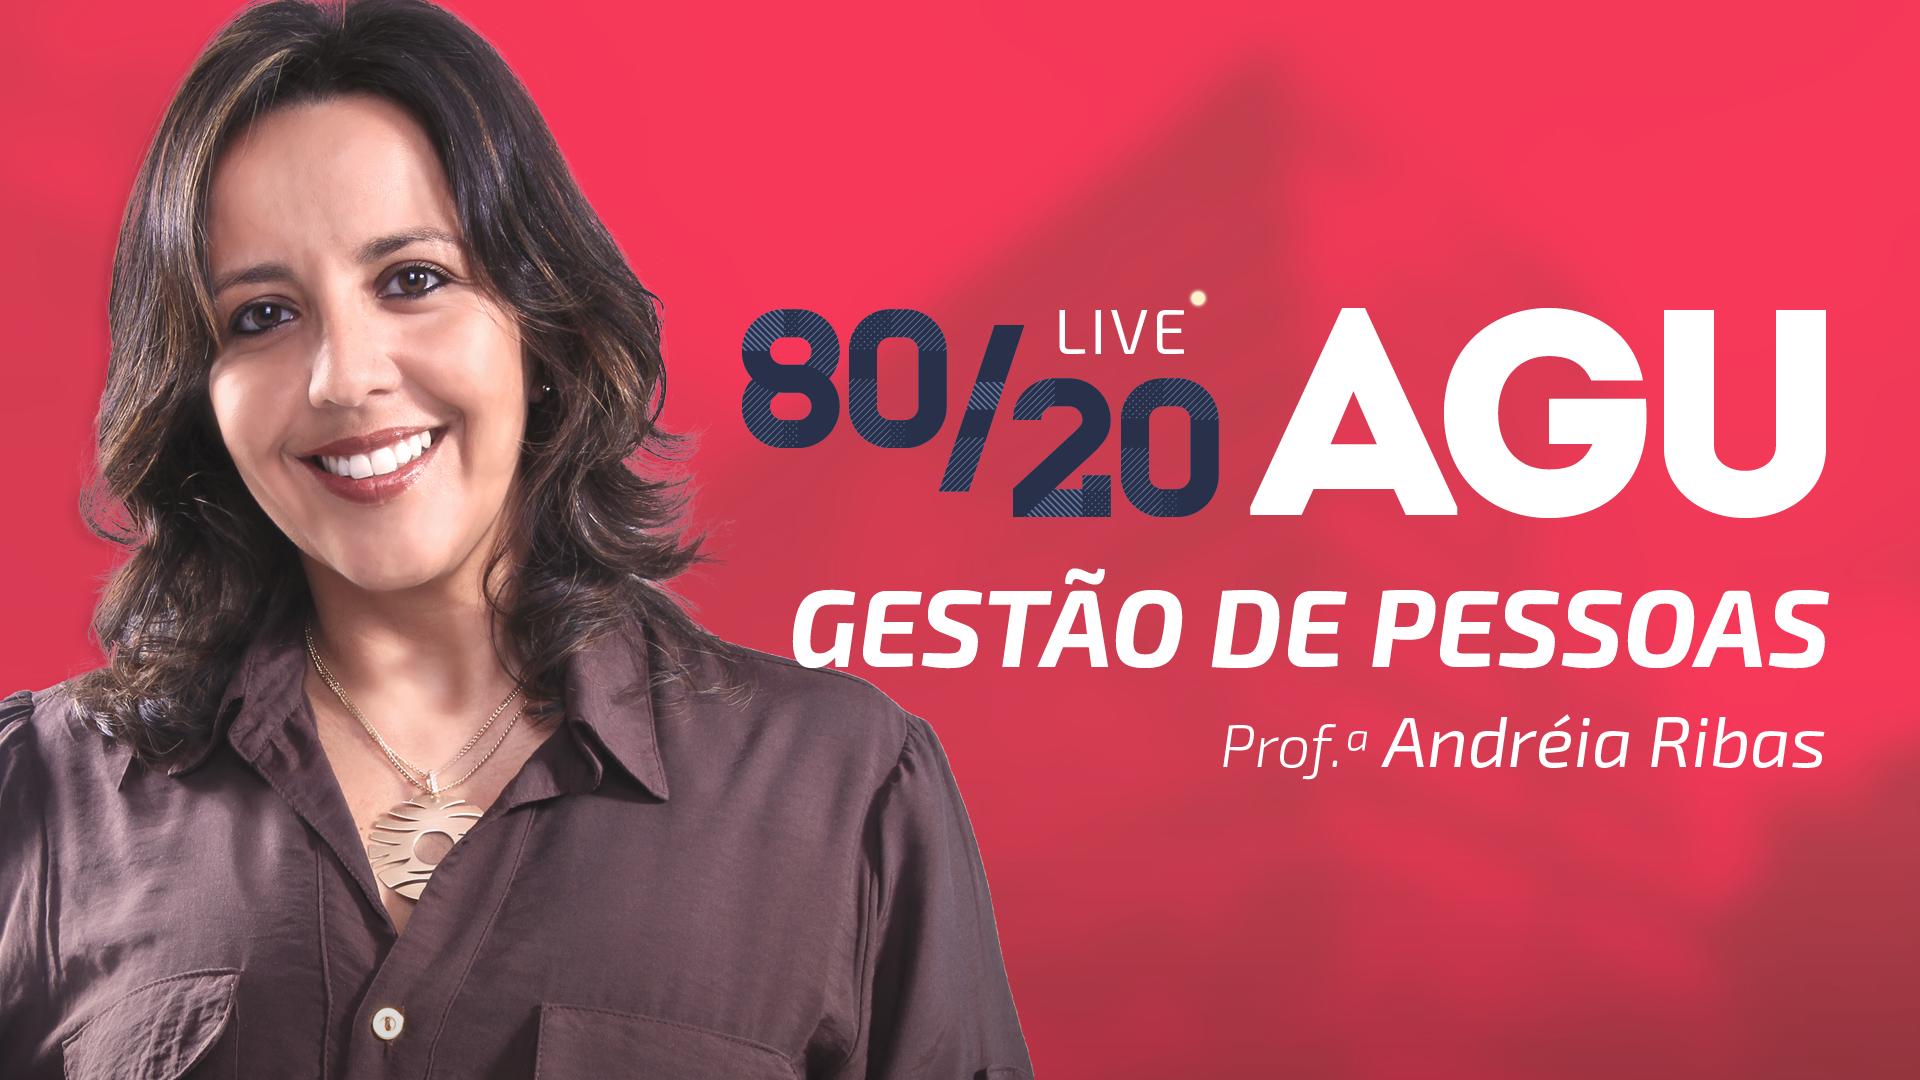 80/20 AGU - Gestão de Pessoas